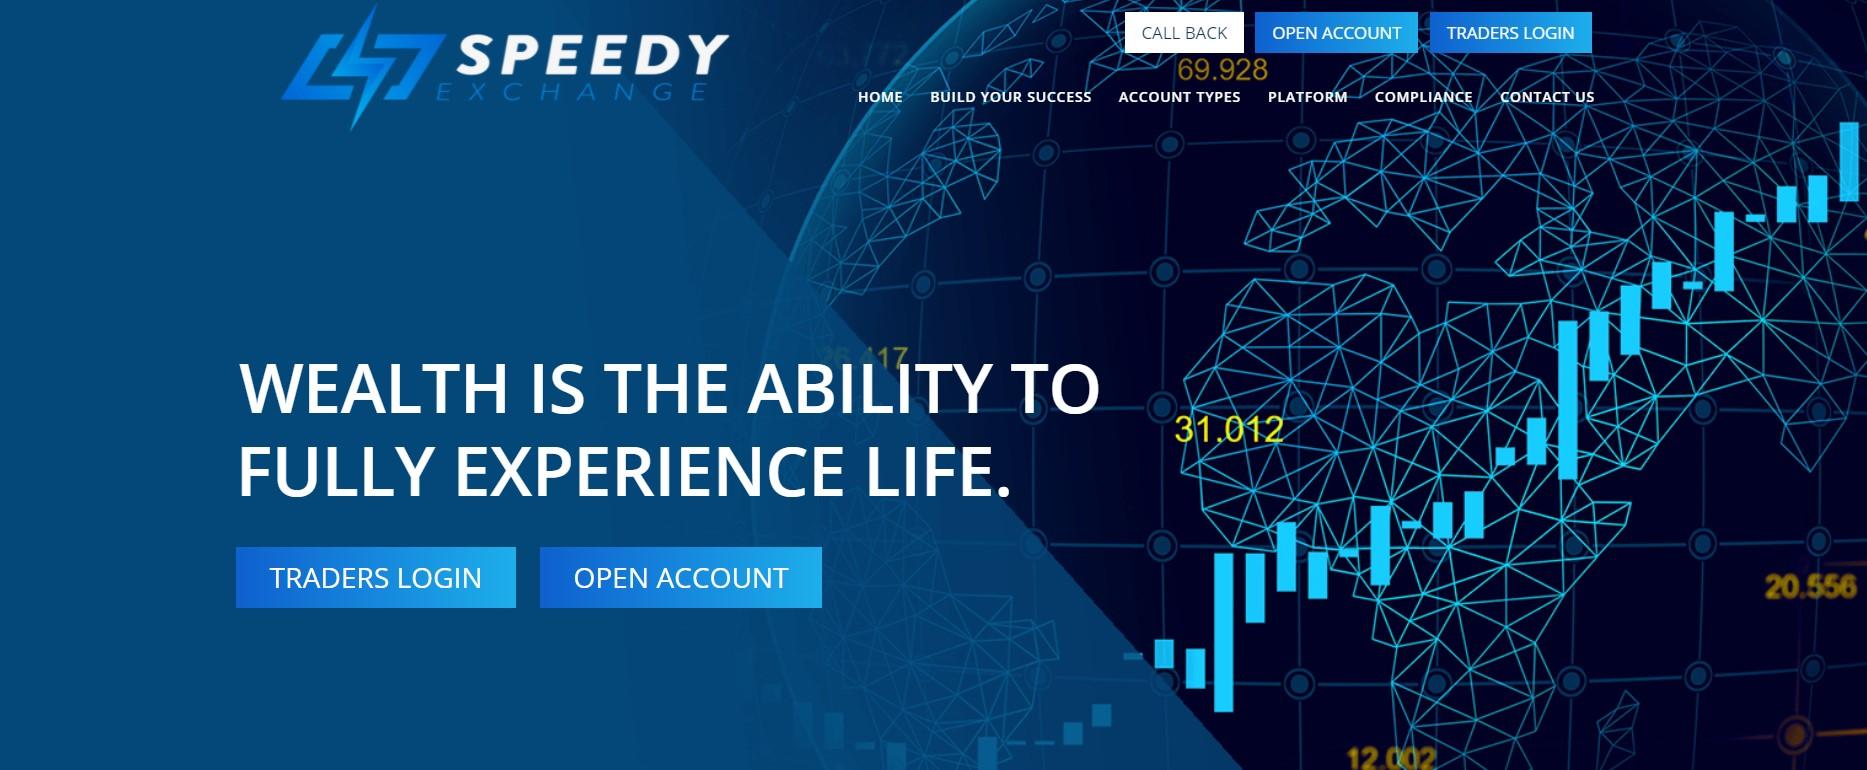 Speedyexchange website